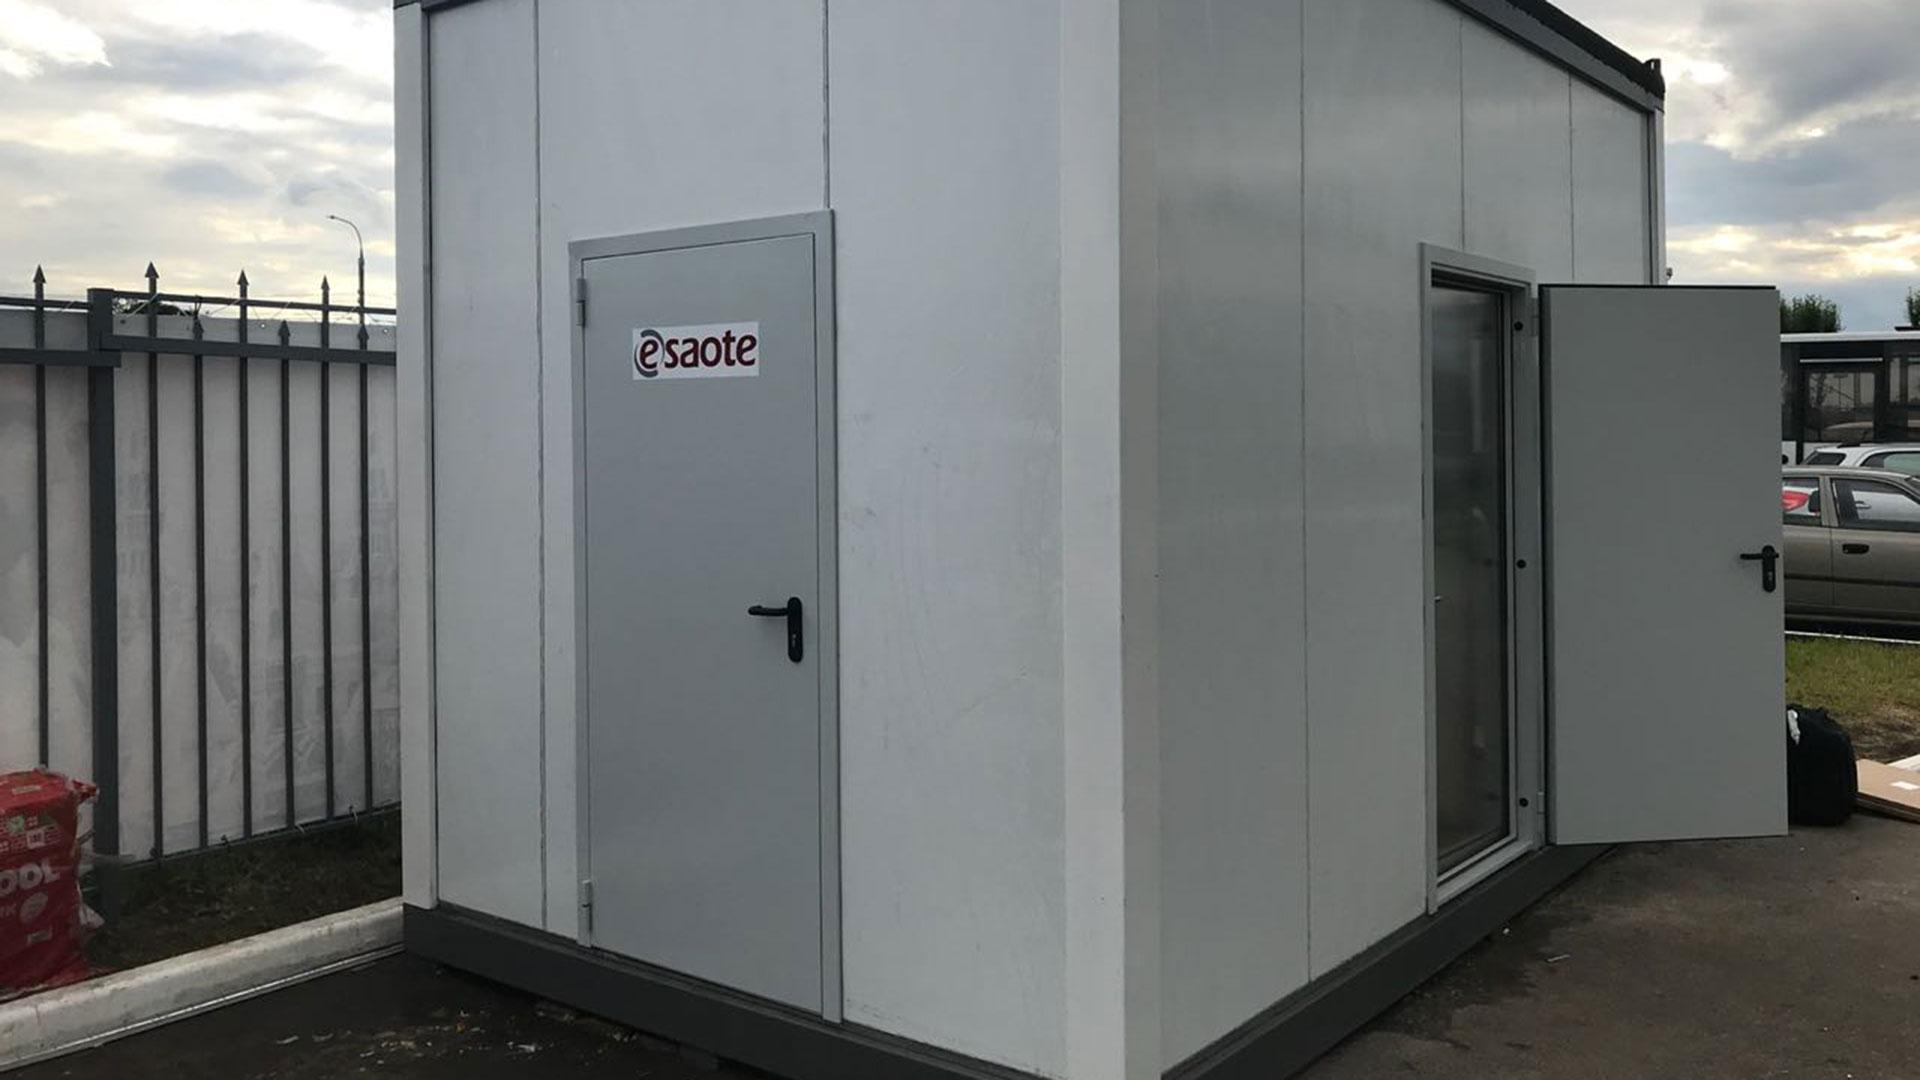 """El """"consultorio móvil"""" de diagnóstico por imágenes, equipado con un resonador Esaote y tres ecógrafos pórtatiles Sonosite"""